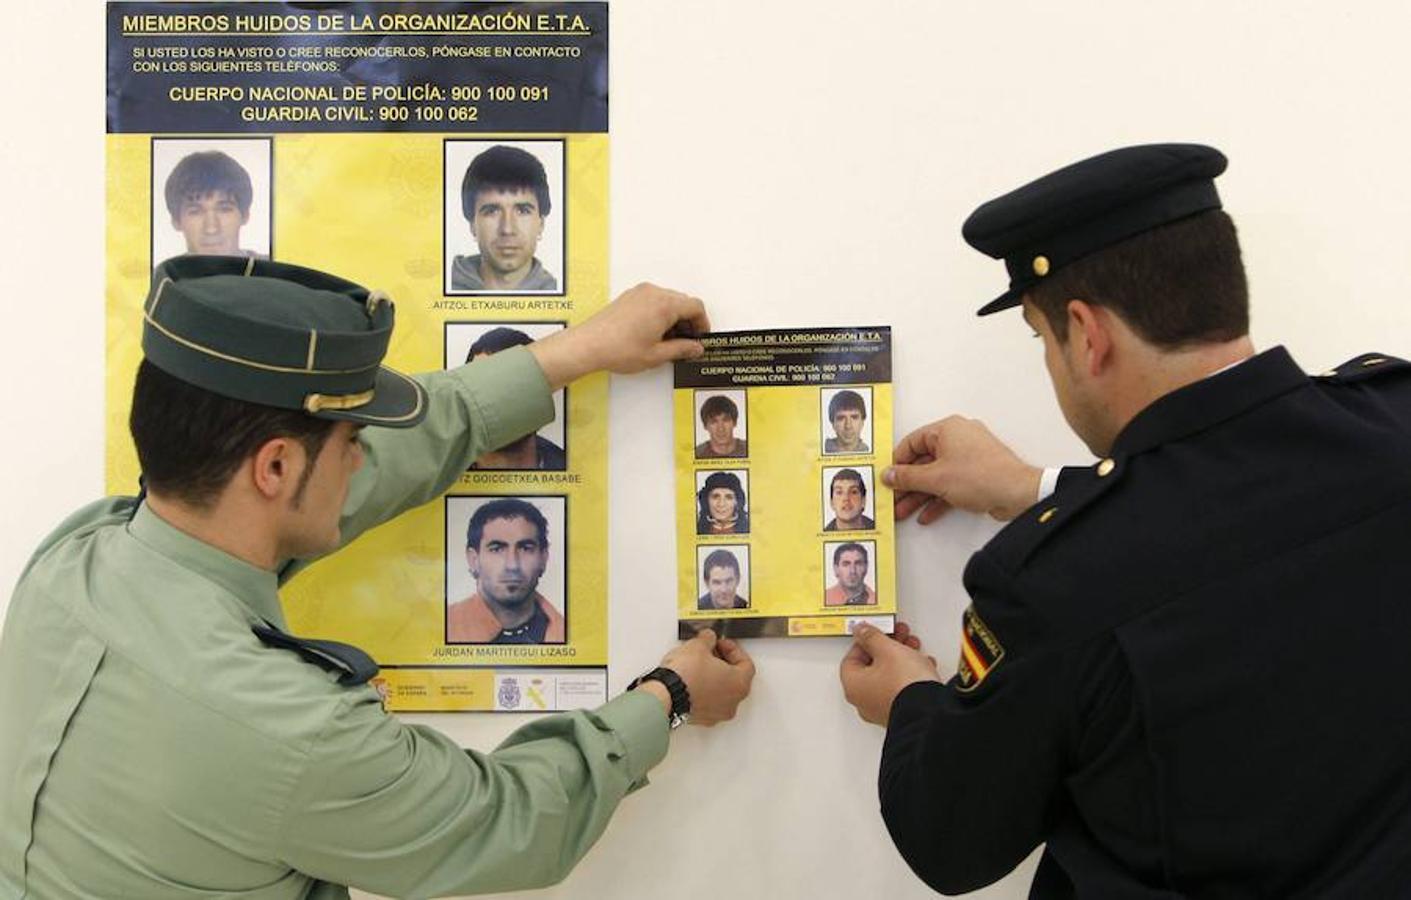 Fotos de los fugitivos más buscados